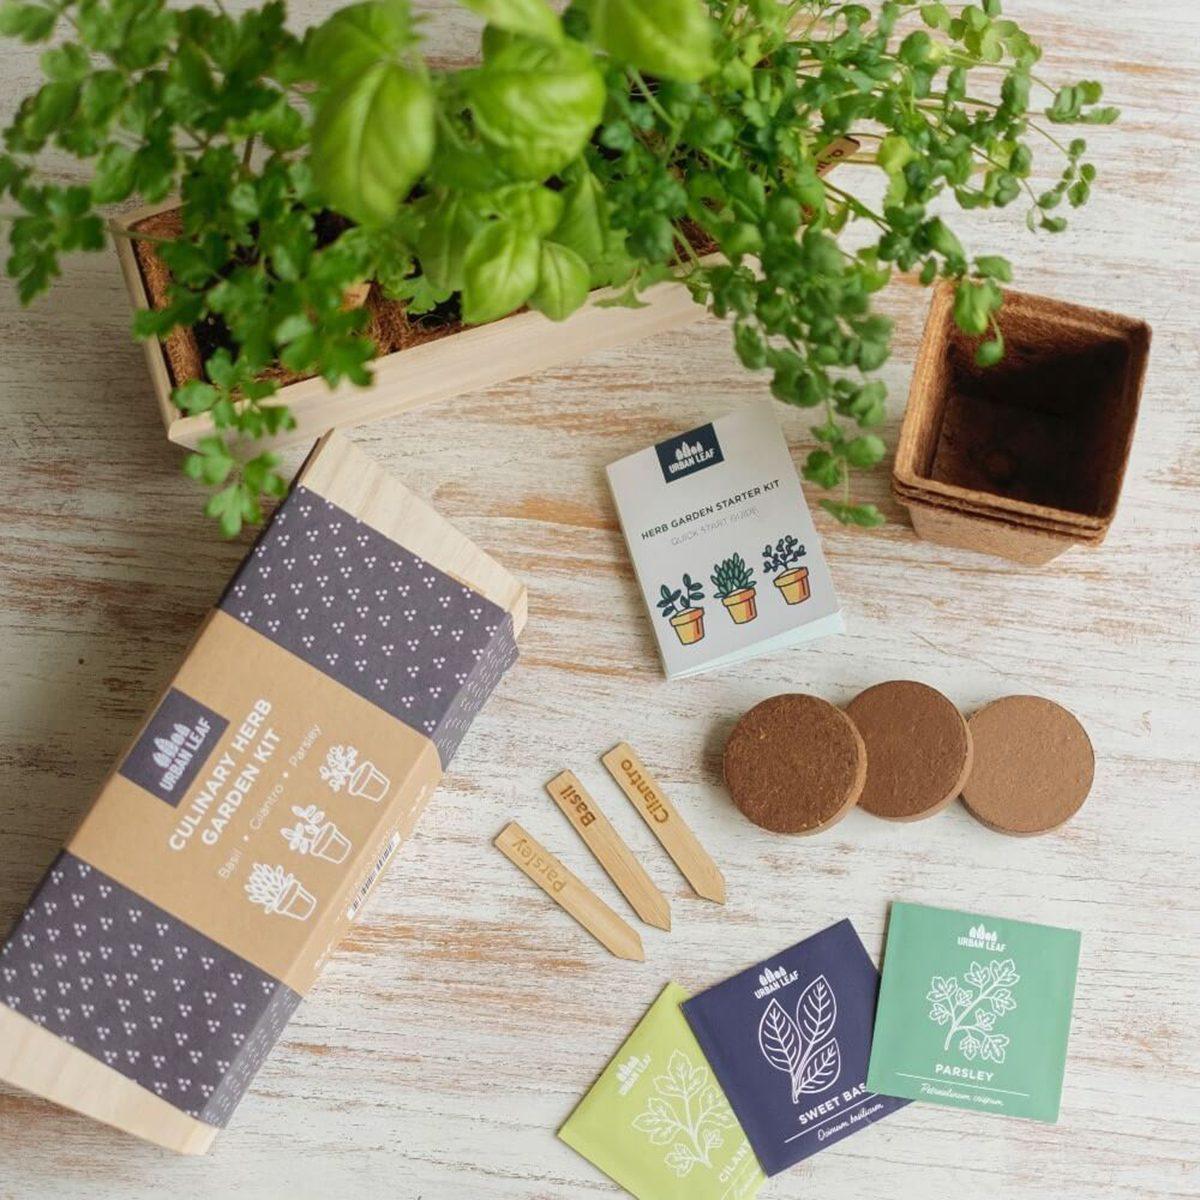 Herb garden trio kit